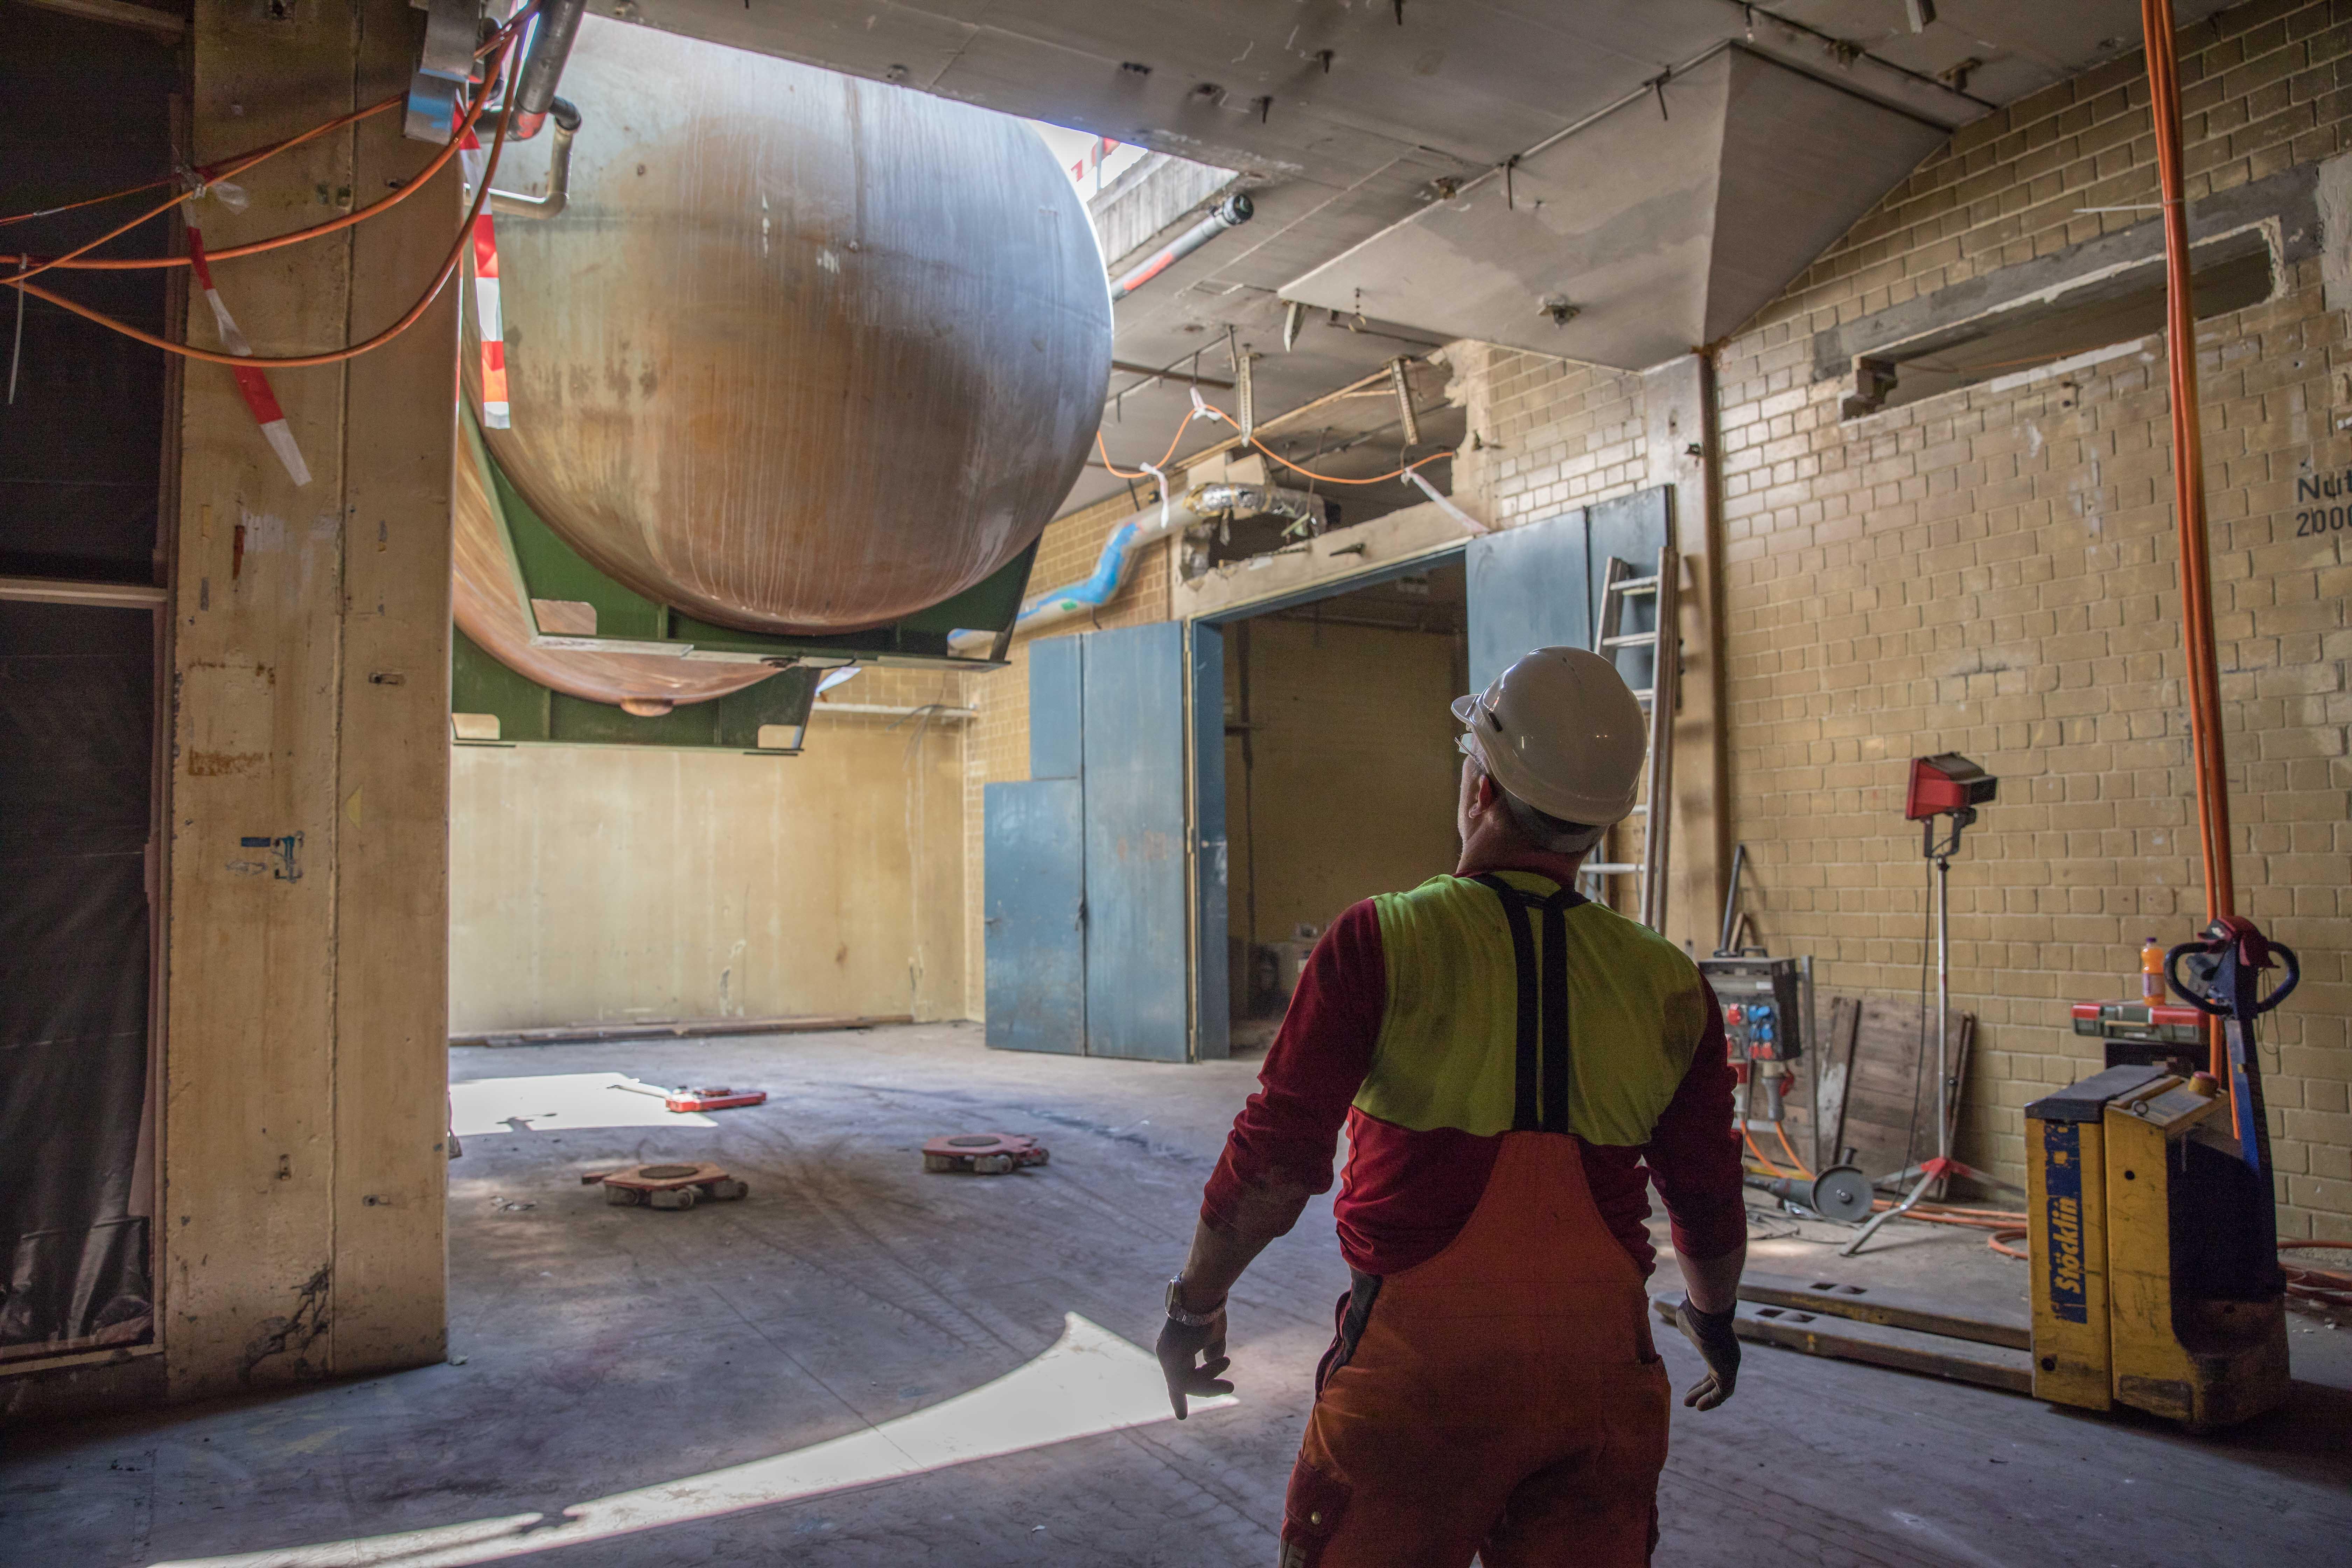 Die Entkernung von Gebäuden und baulichen Anlagen stellt eine wichtige Massnahme zur Vorbereitung für einen Abriss oder Rückbau dar.